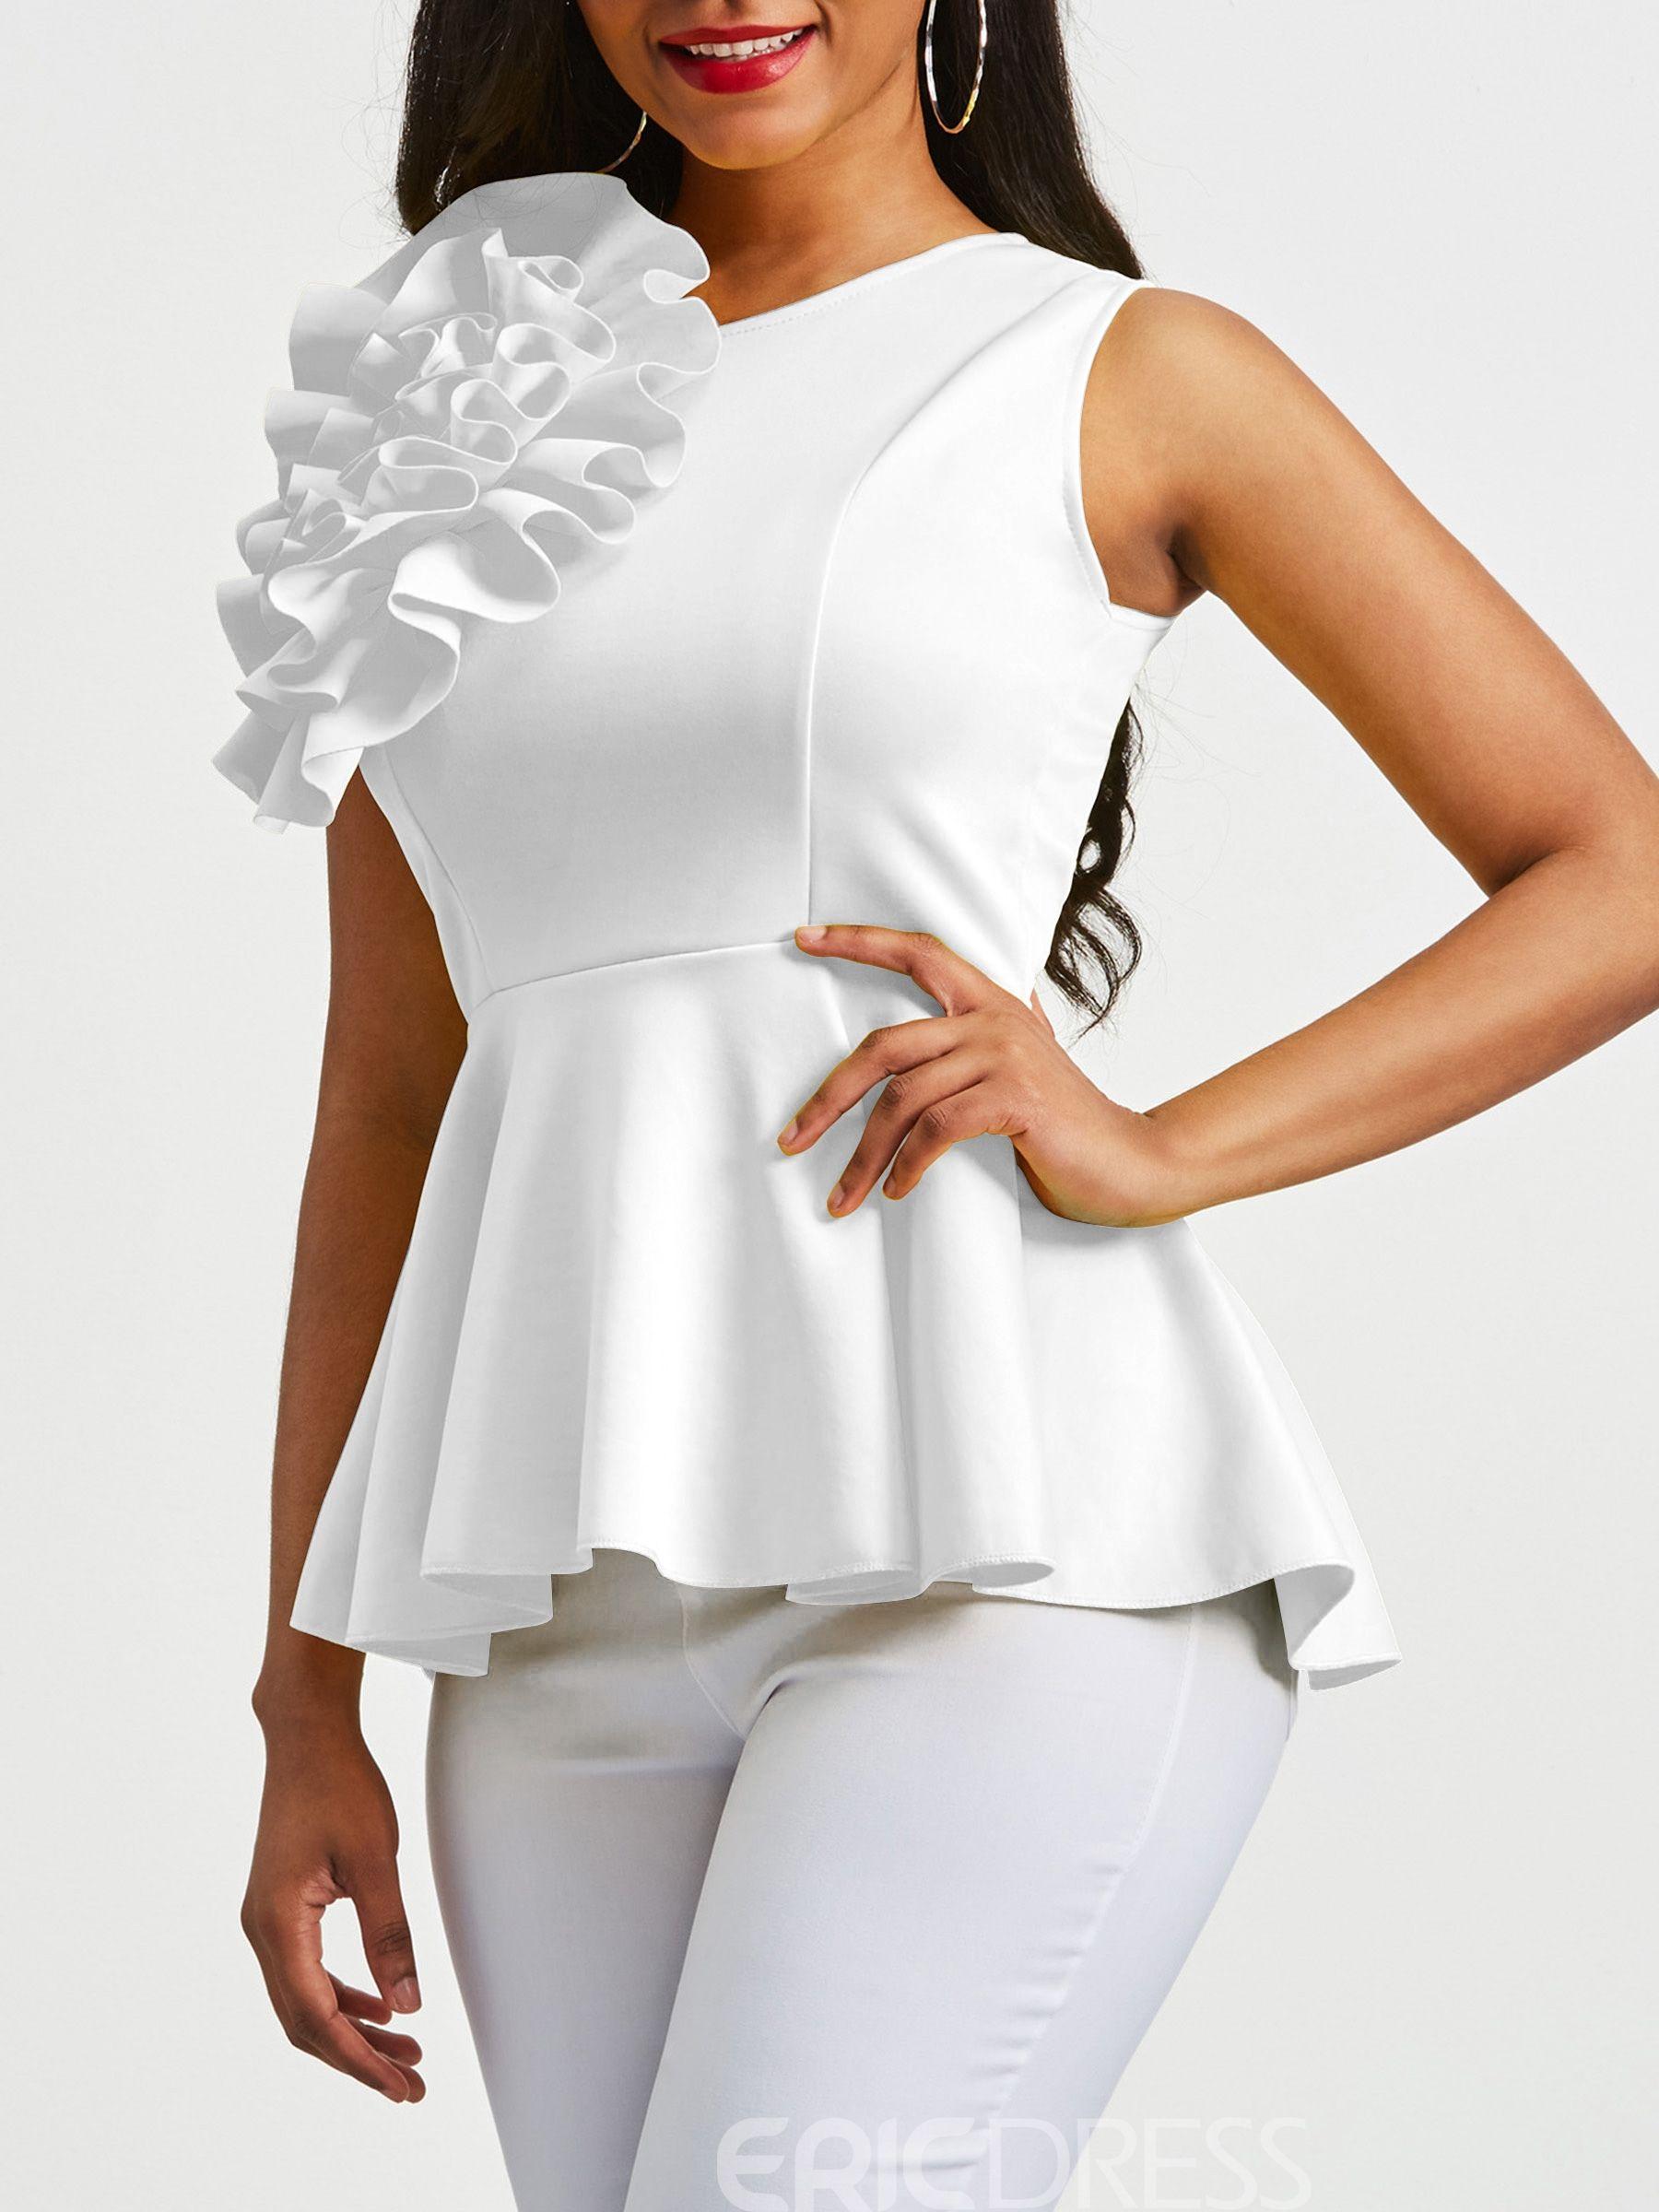 f695c103ee2396 Ericdress Applique Peplum Zipper Up Sleeveless Women's Top | causal ...